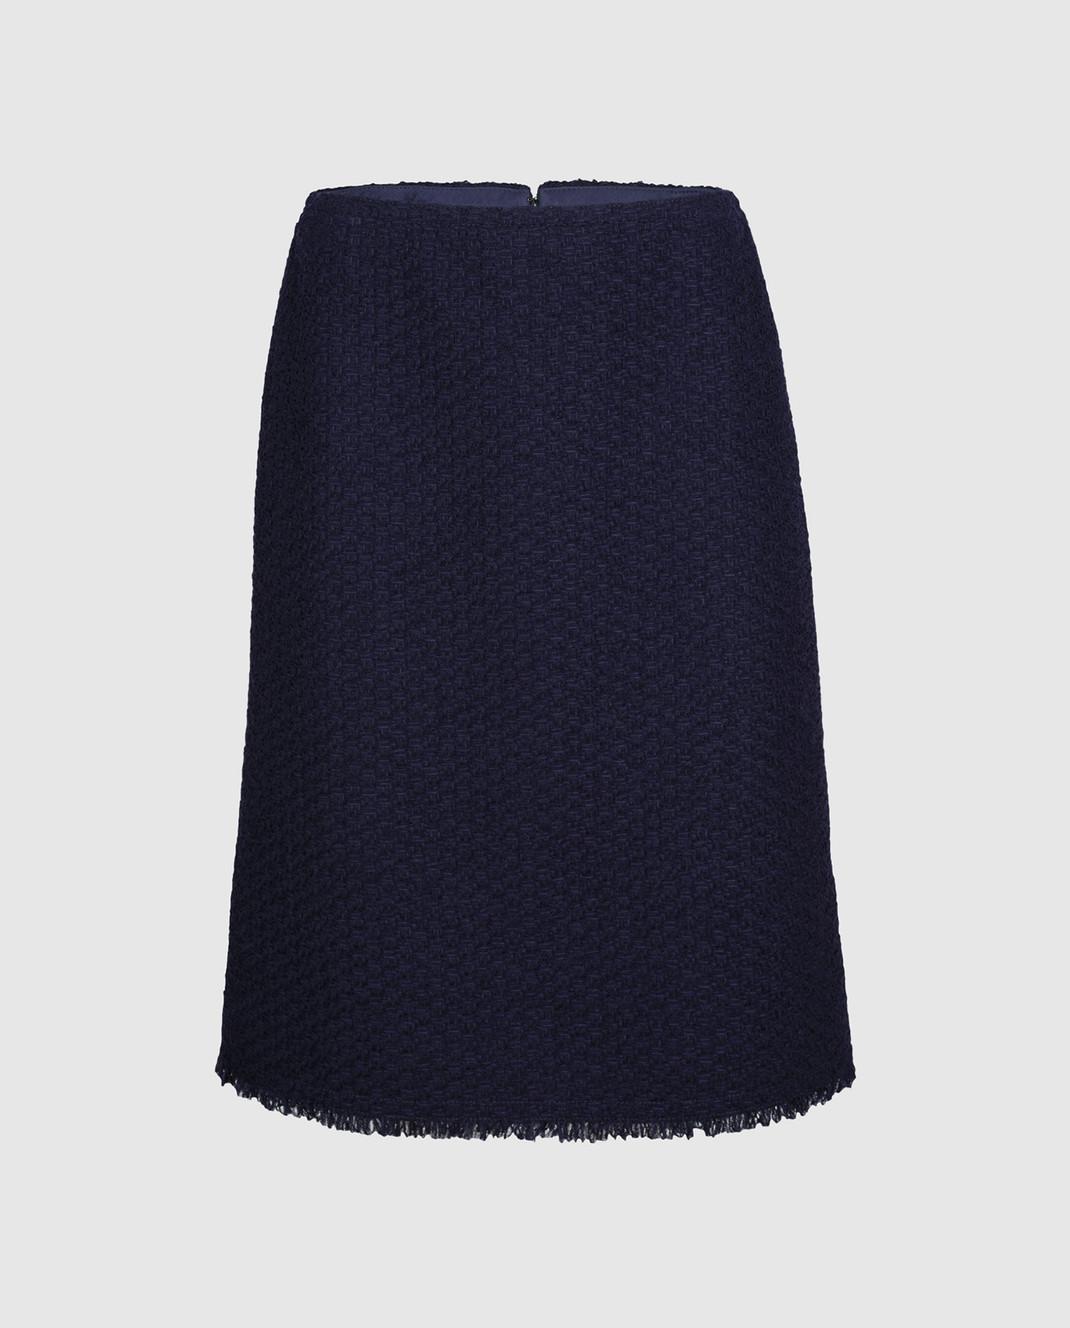 NINA RICCI Темно-синяя юбка 17PCJU023PA0341